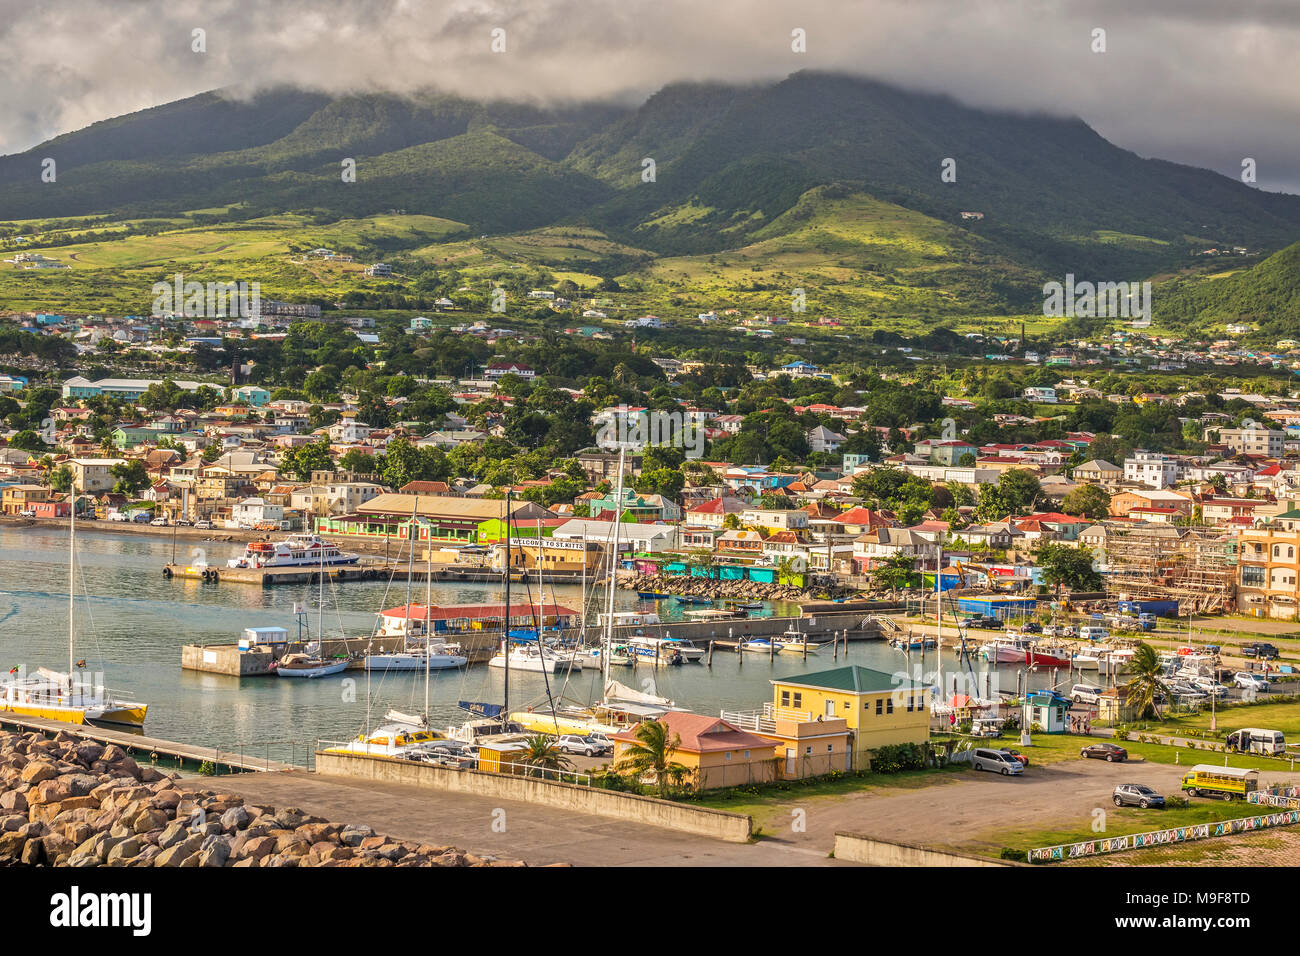 Bateaux dans le port, Basseterre, Saint Kitts, West Indies Banque D'Images